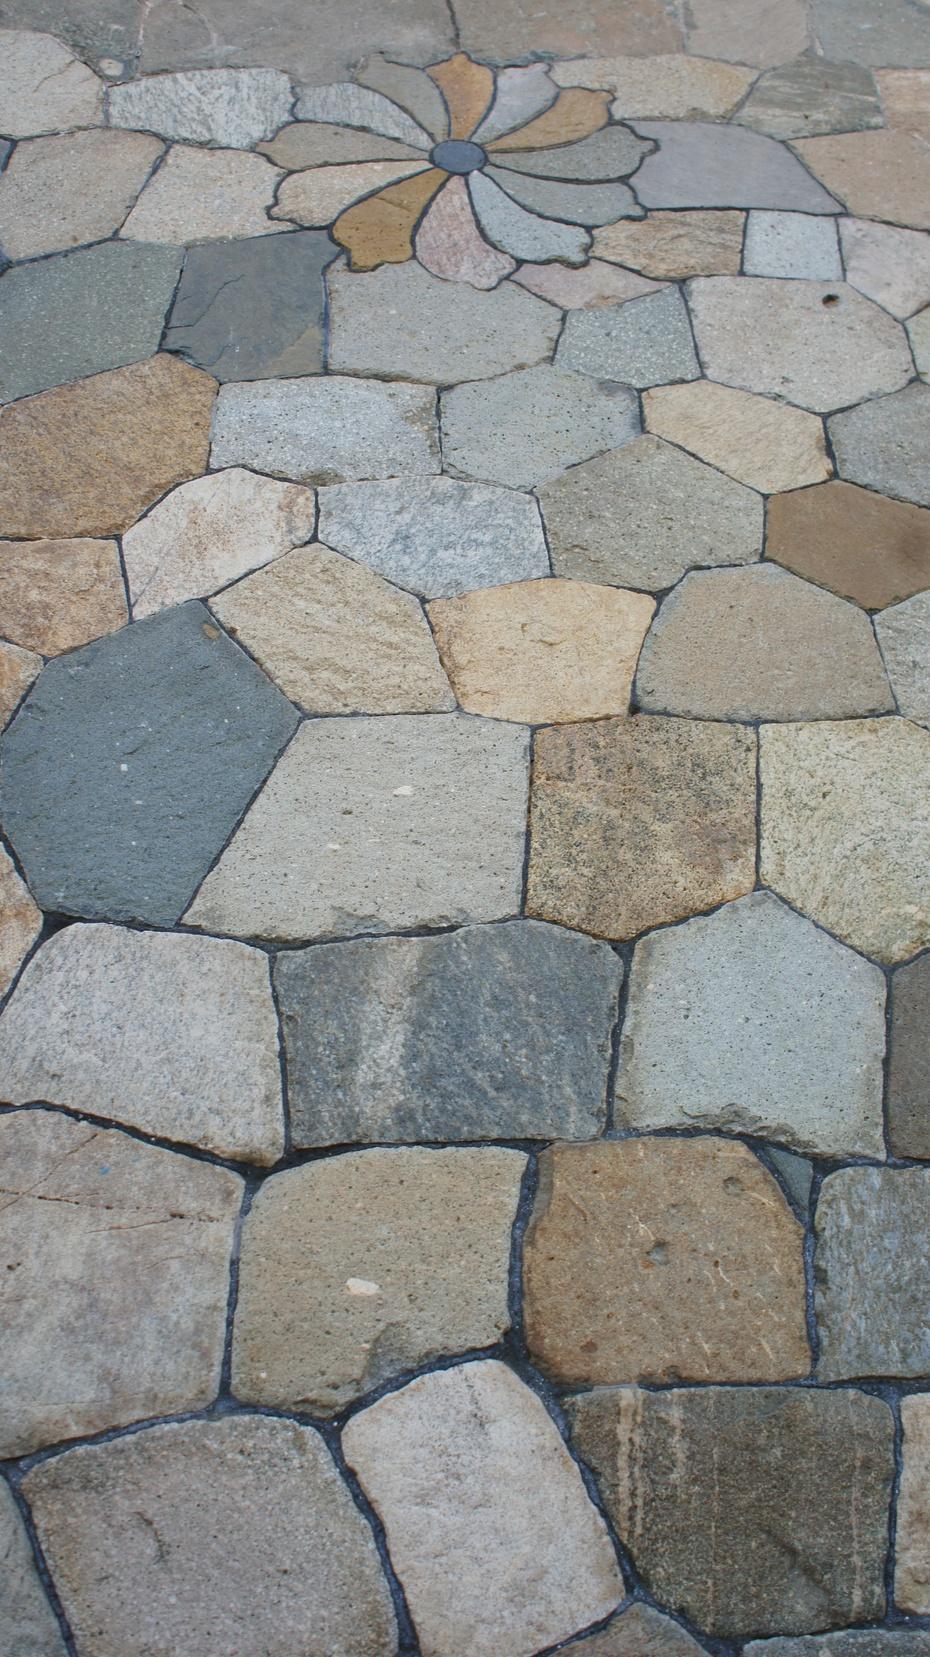 牟氏庄园:耐人寻味的石砌花墙 - 余昌国 - 我的博客